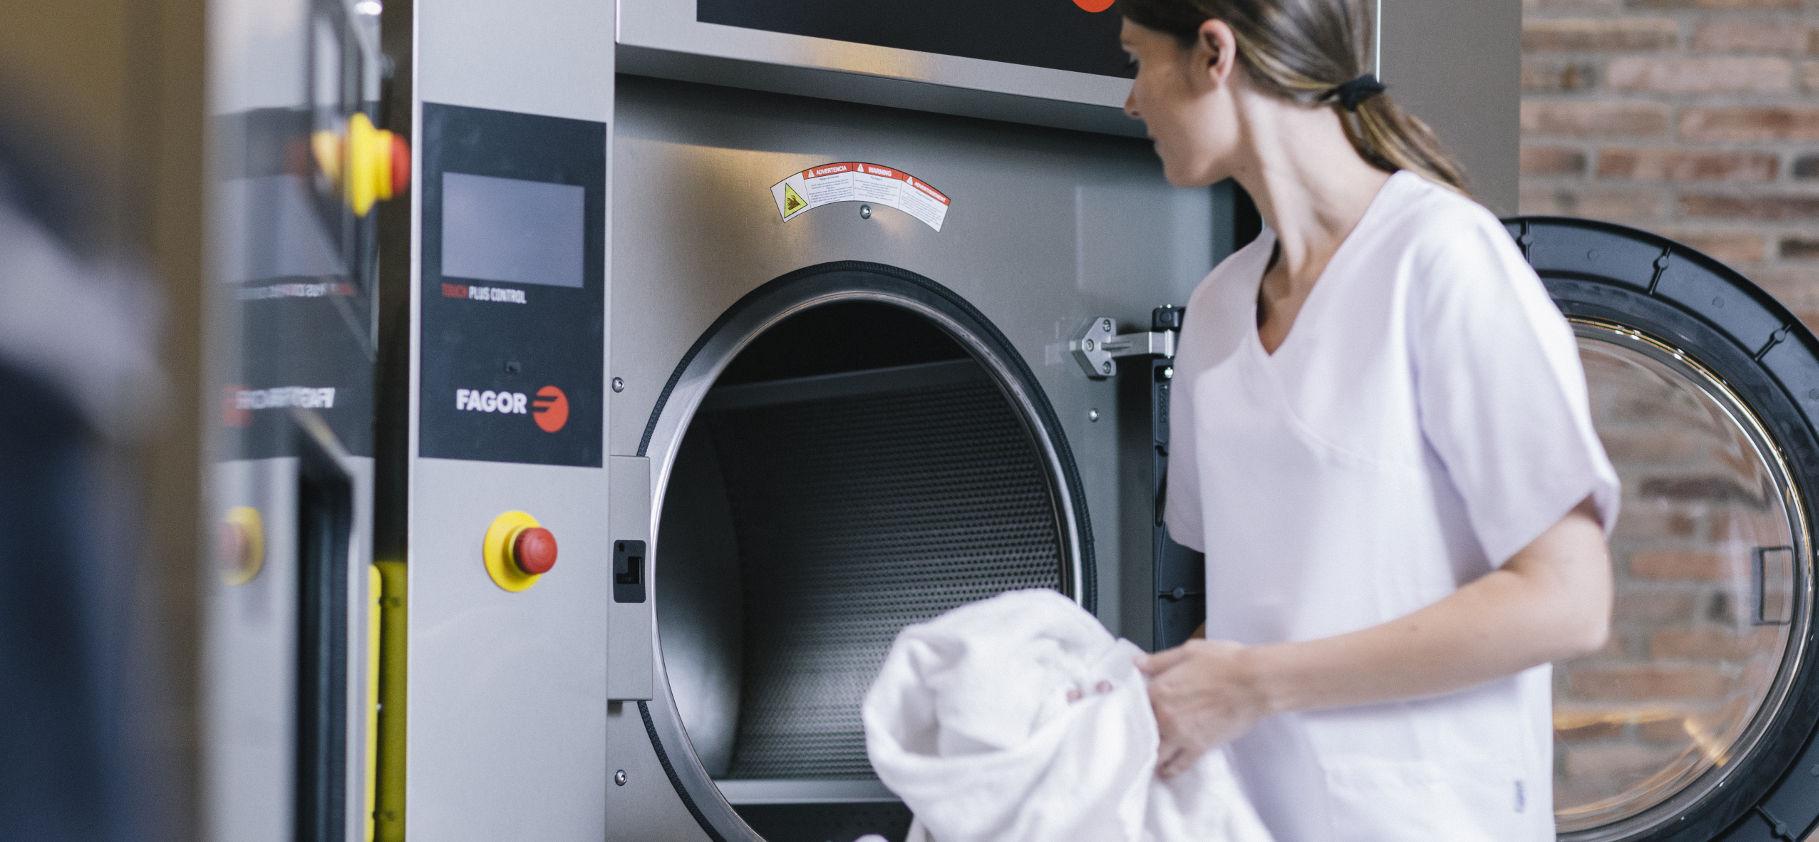 Maquinaria Lavandería Industrial Máquinas De Lavandería Industrial Fagor Industrial